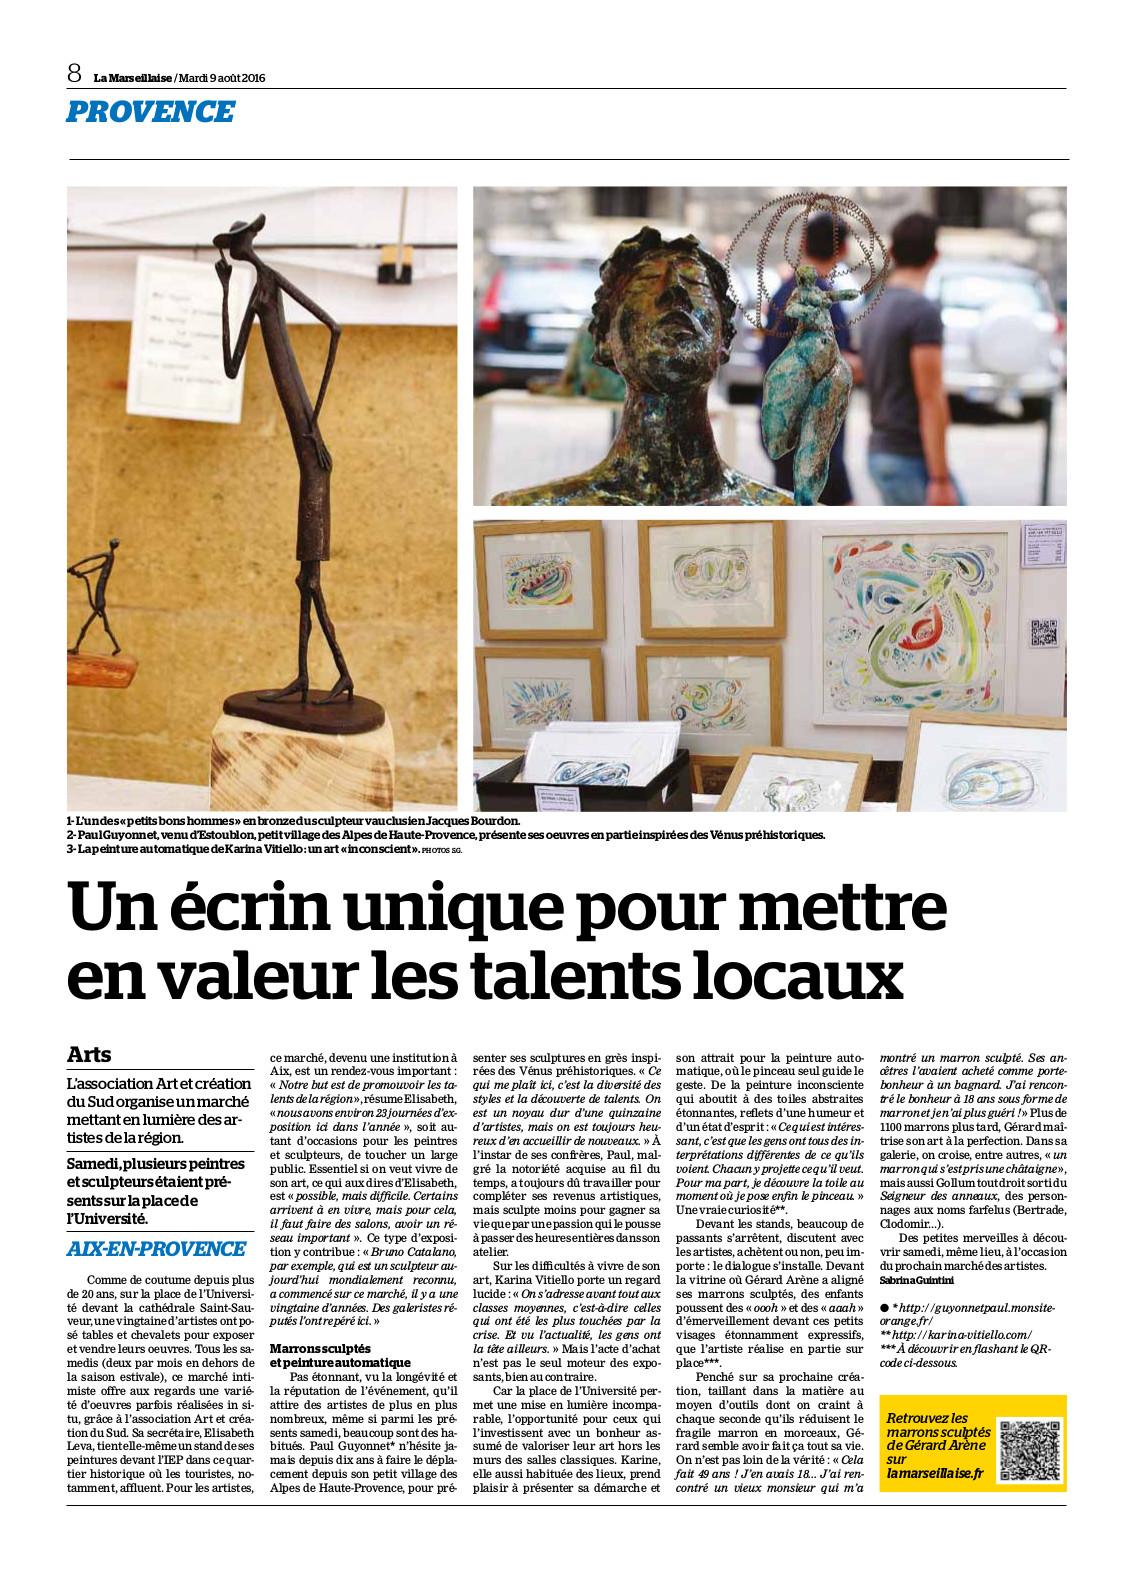 Article_LaMarseillaise_9aout2016